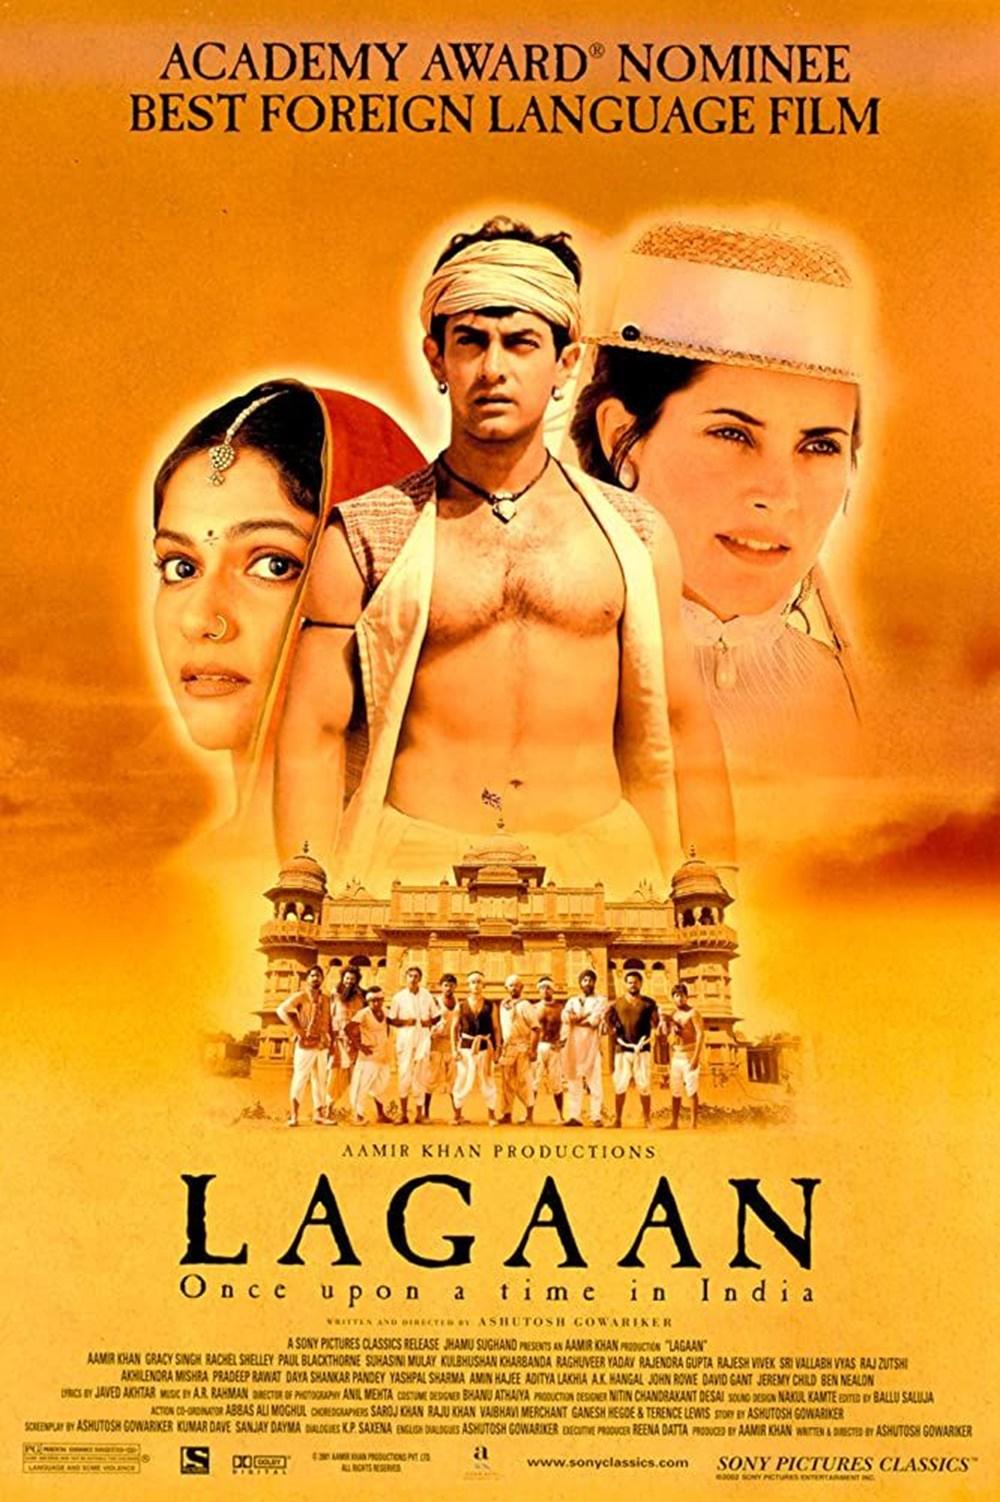 En iyi Aamir Khan filmleri (Aamir Khan'ın izlenmesi gereken filmleri) - 22